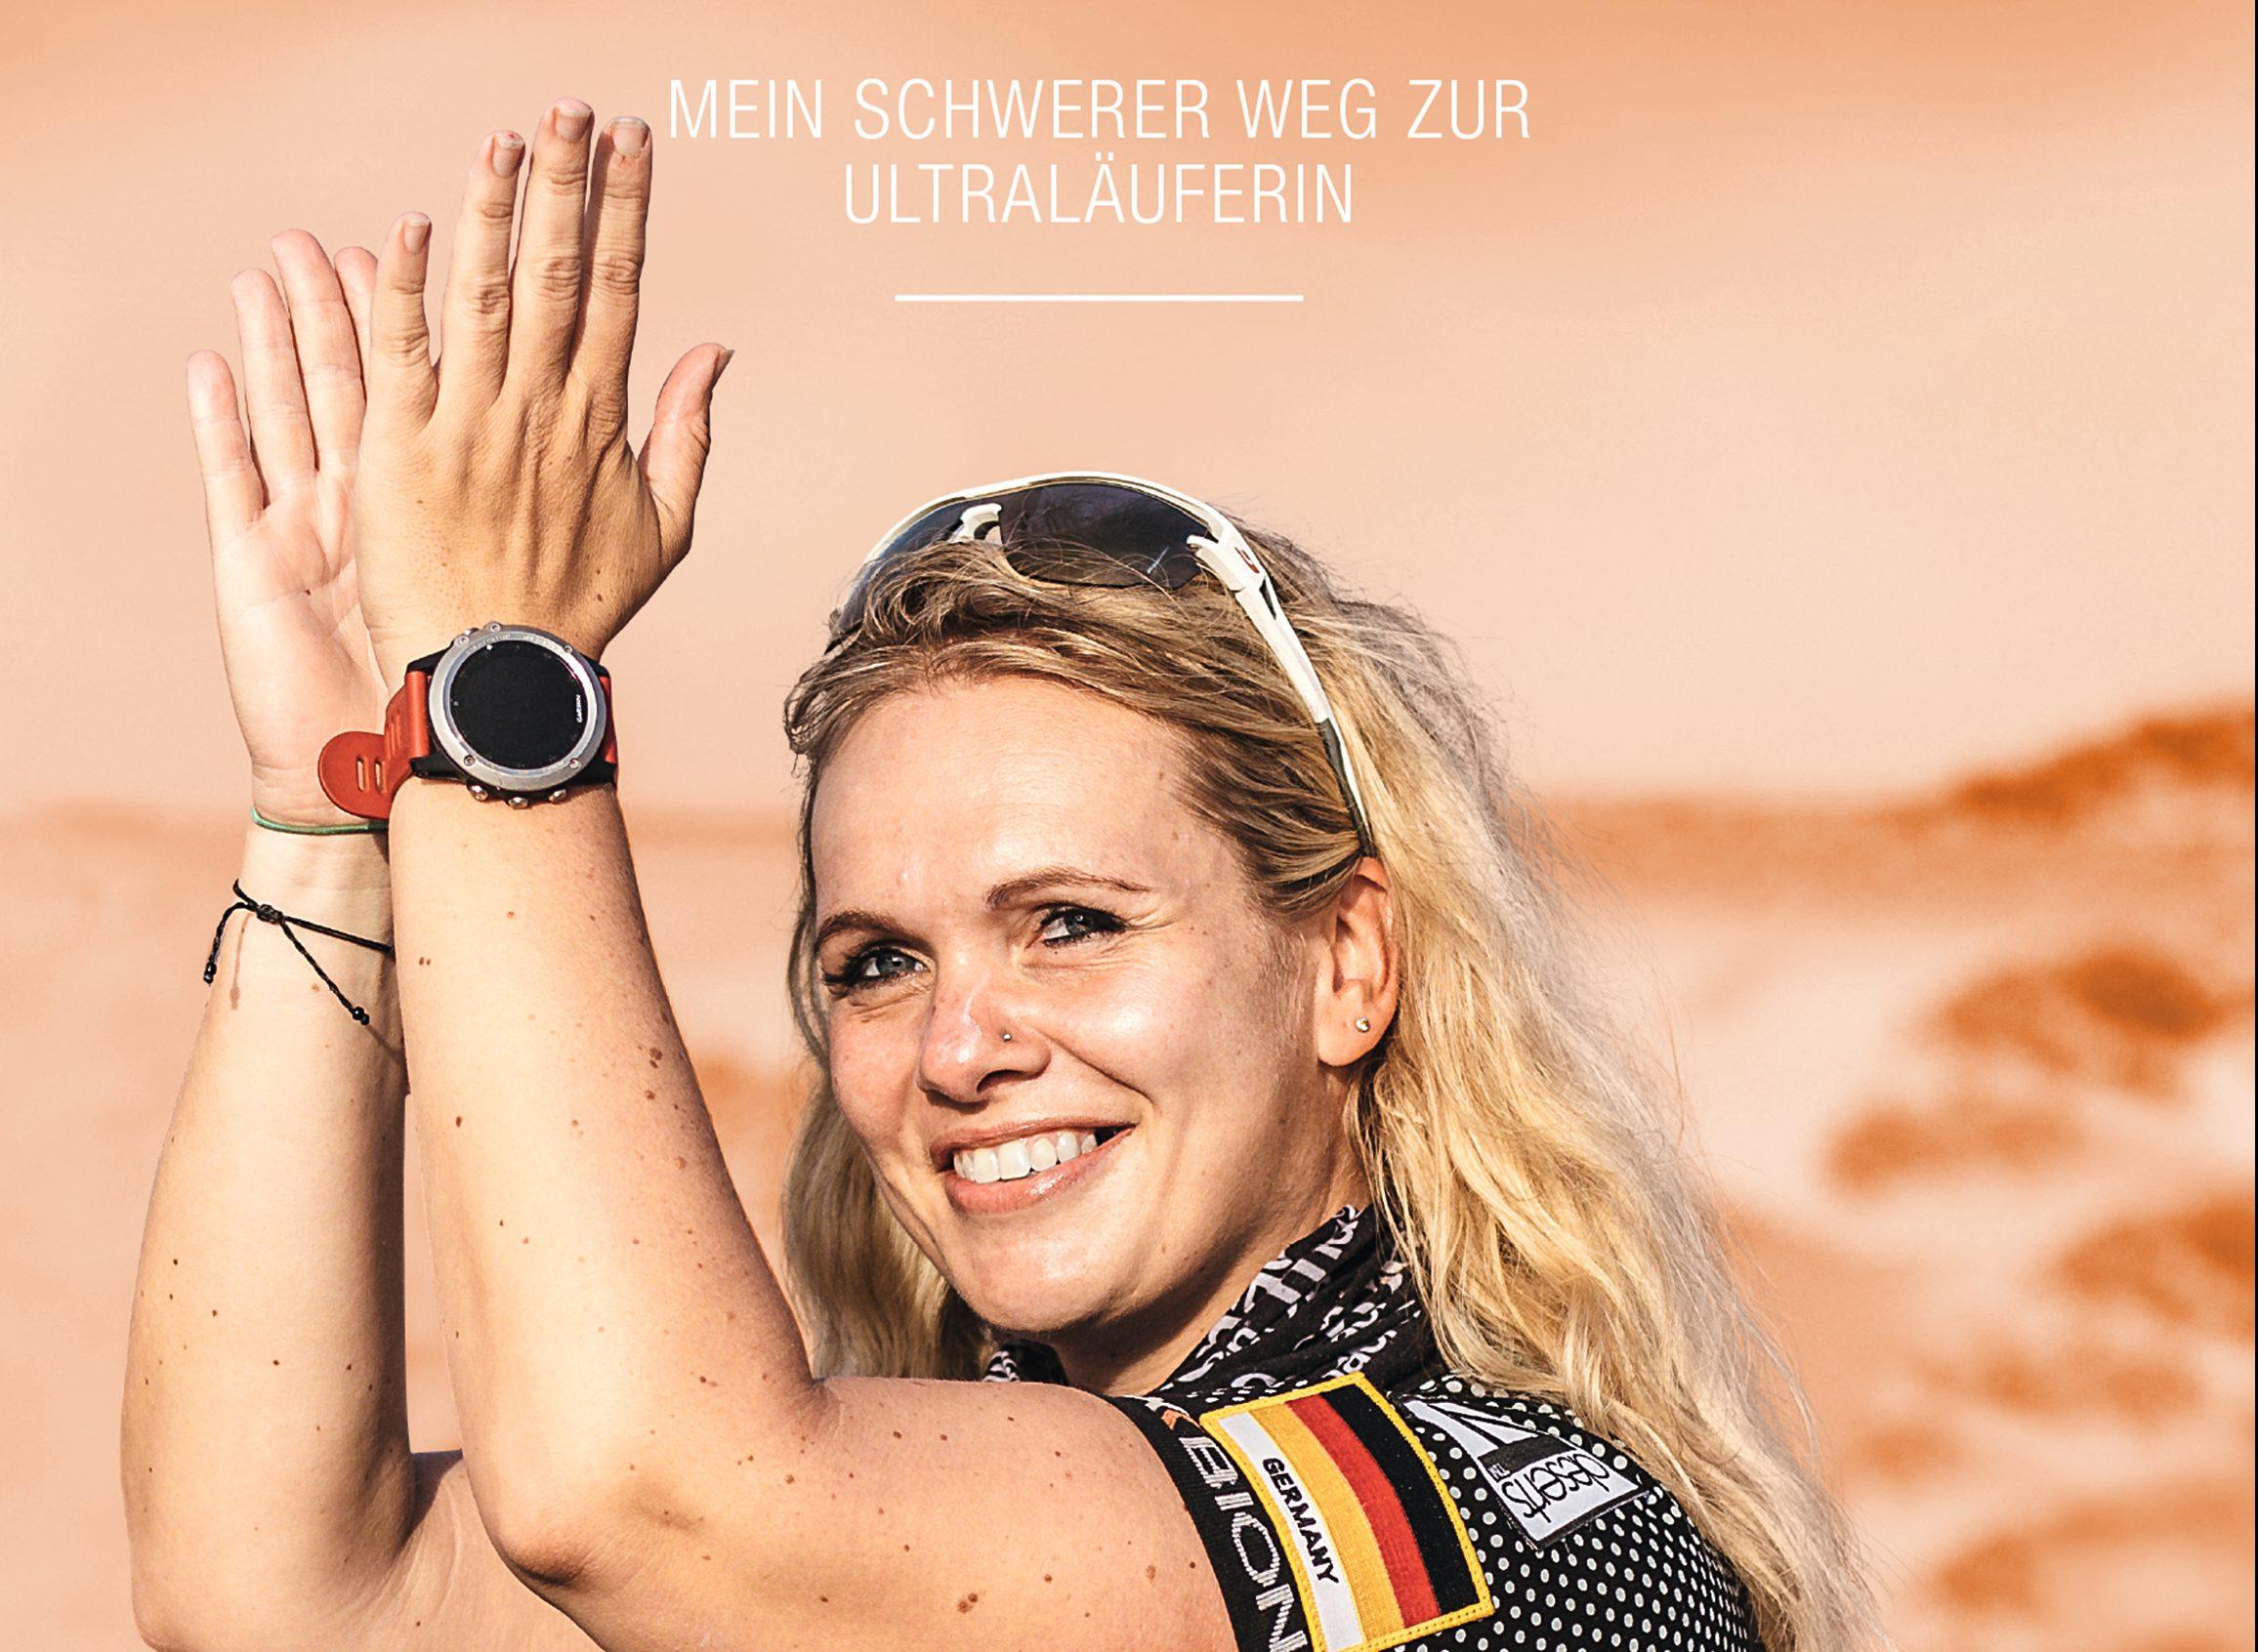 Unbedingt lesen: Antjes Weg zur Wüstenläuferin